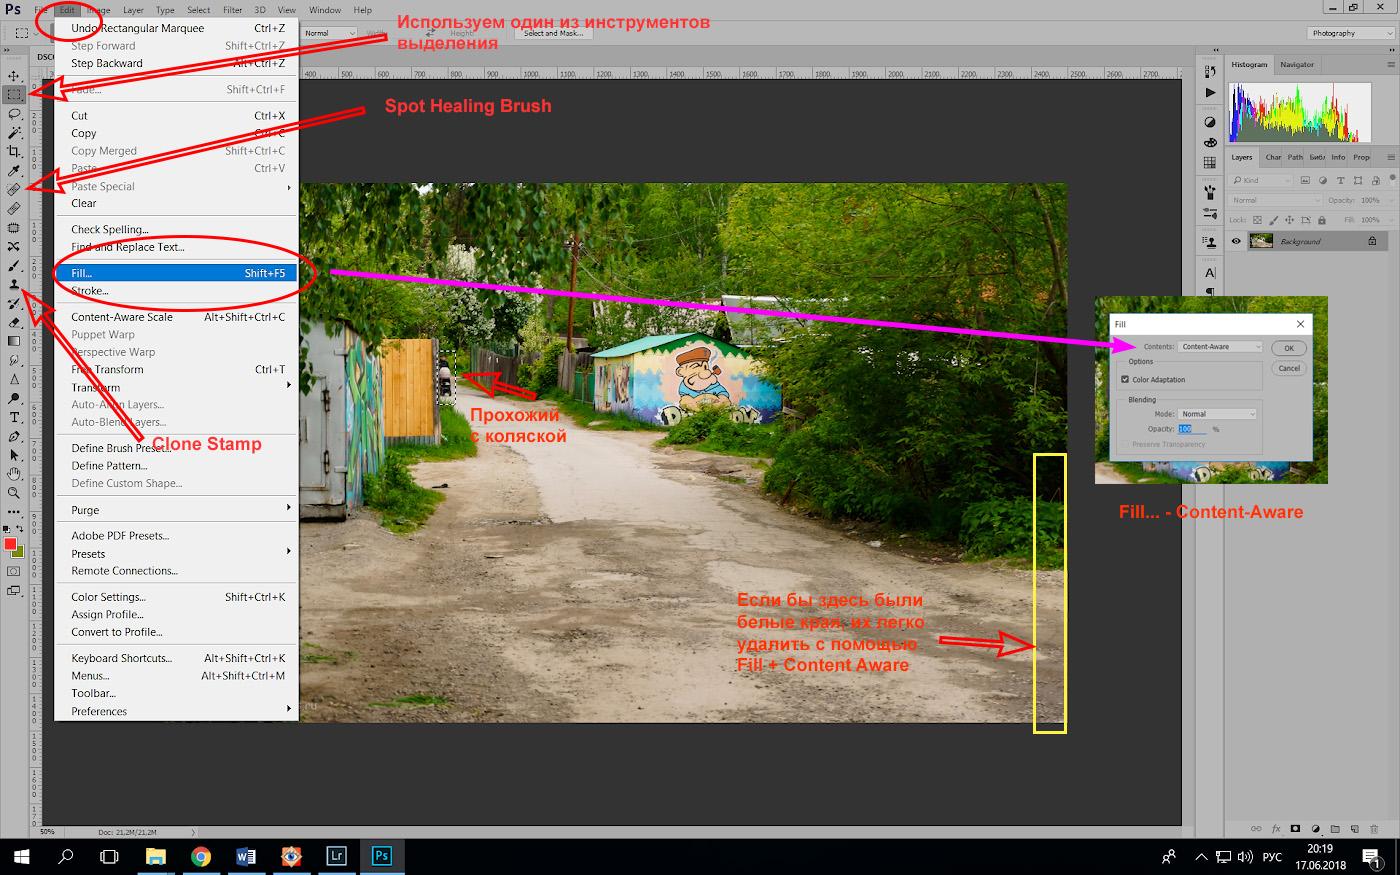 Фото 15. Урок фотографии для владельцев Сони А6000. Как убрать лишних людей из кадра.